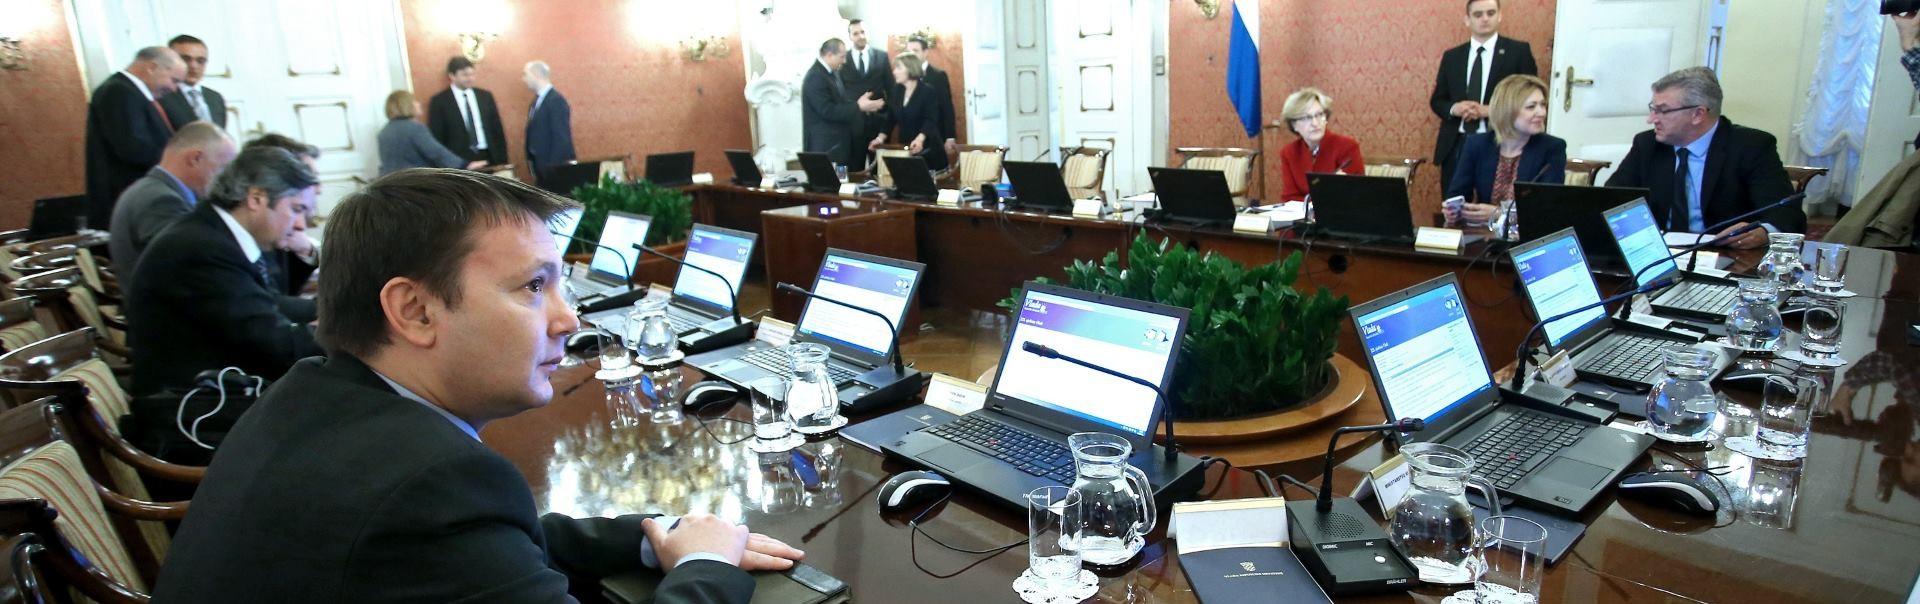 Vlada: Sindikati nisu spremni važna pitanja rješavati dijalogom, već neodgovorno izazivaju tenzije